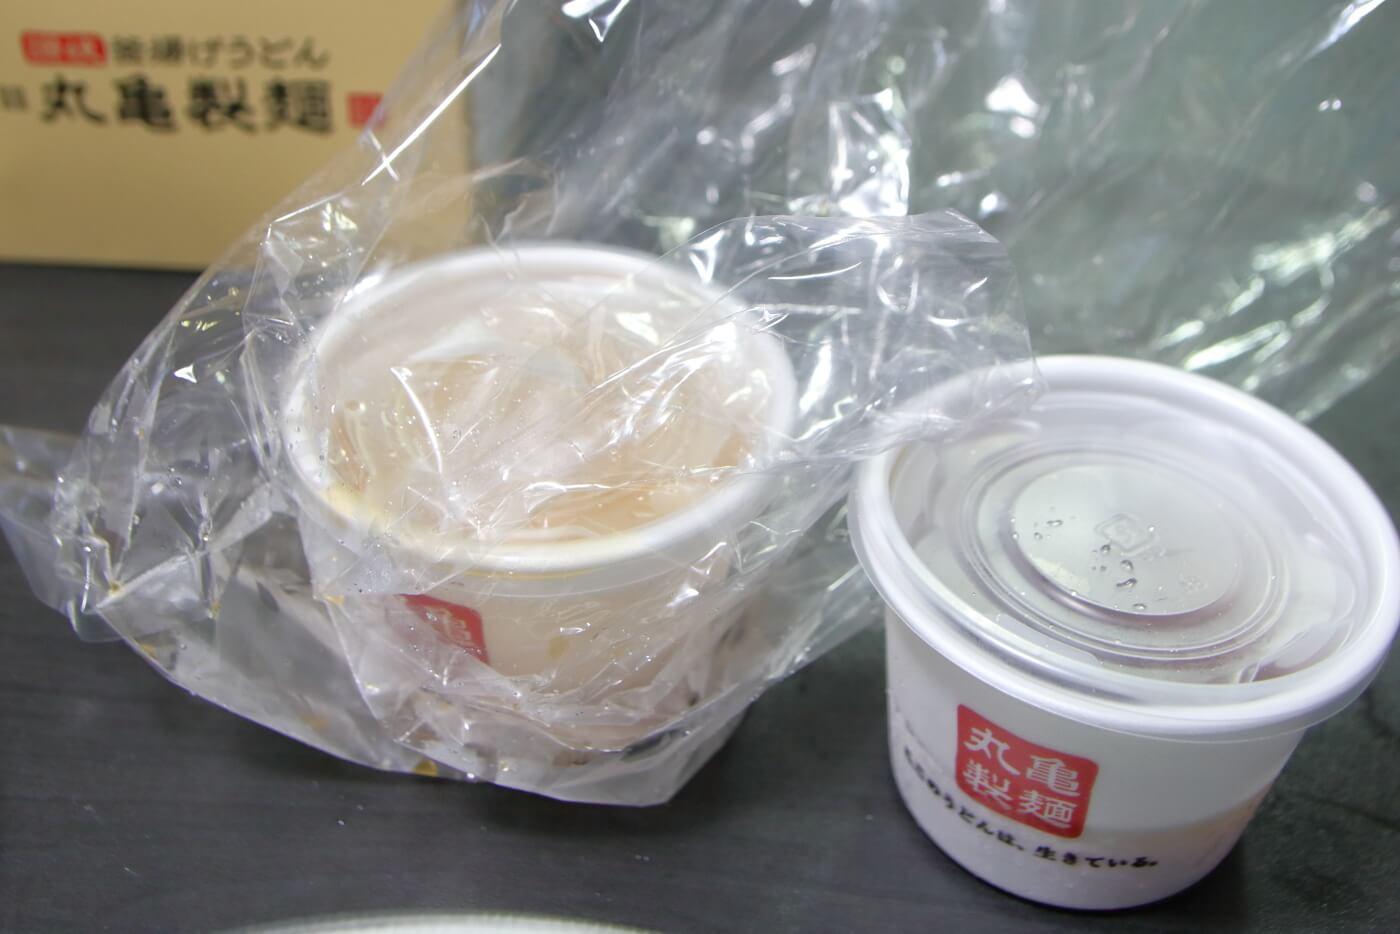 丸亀製麺 持ち帰り限定メニュー 氷うどん冷かけ